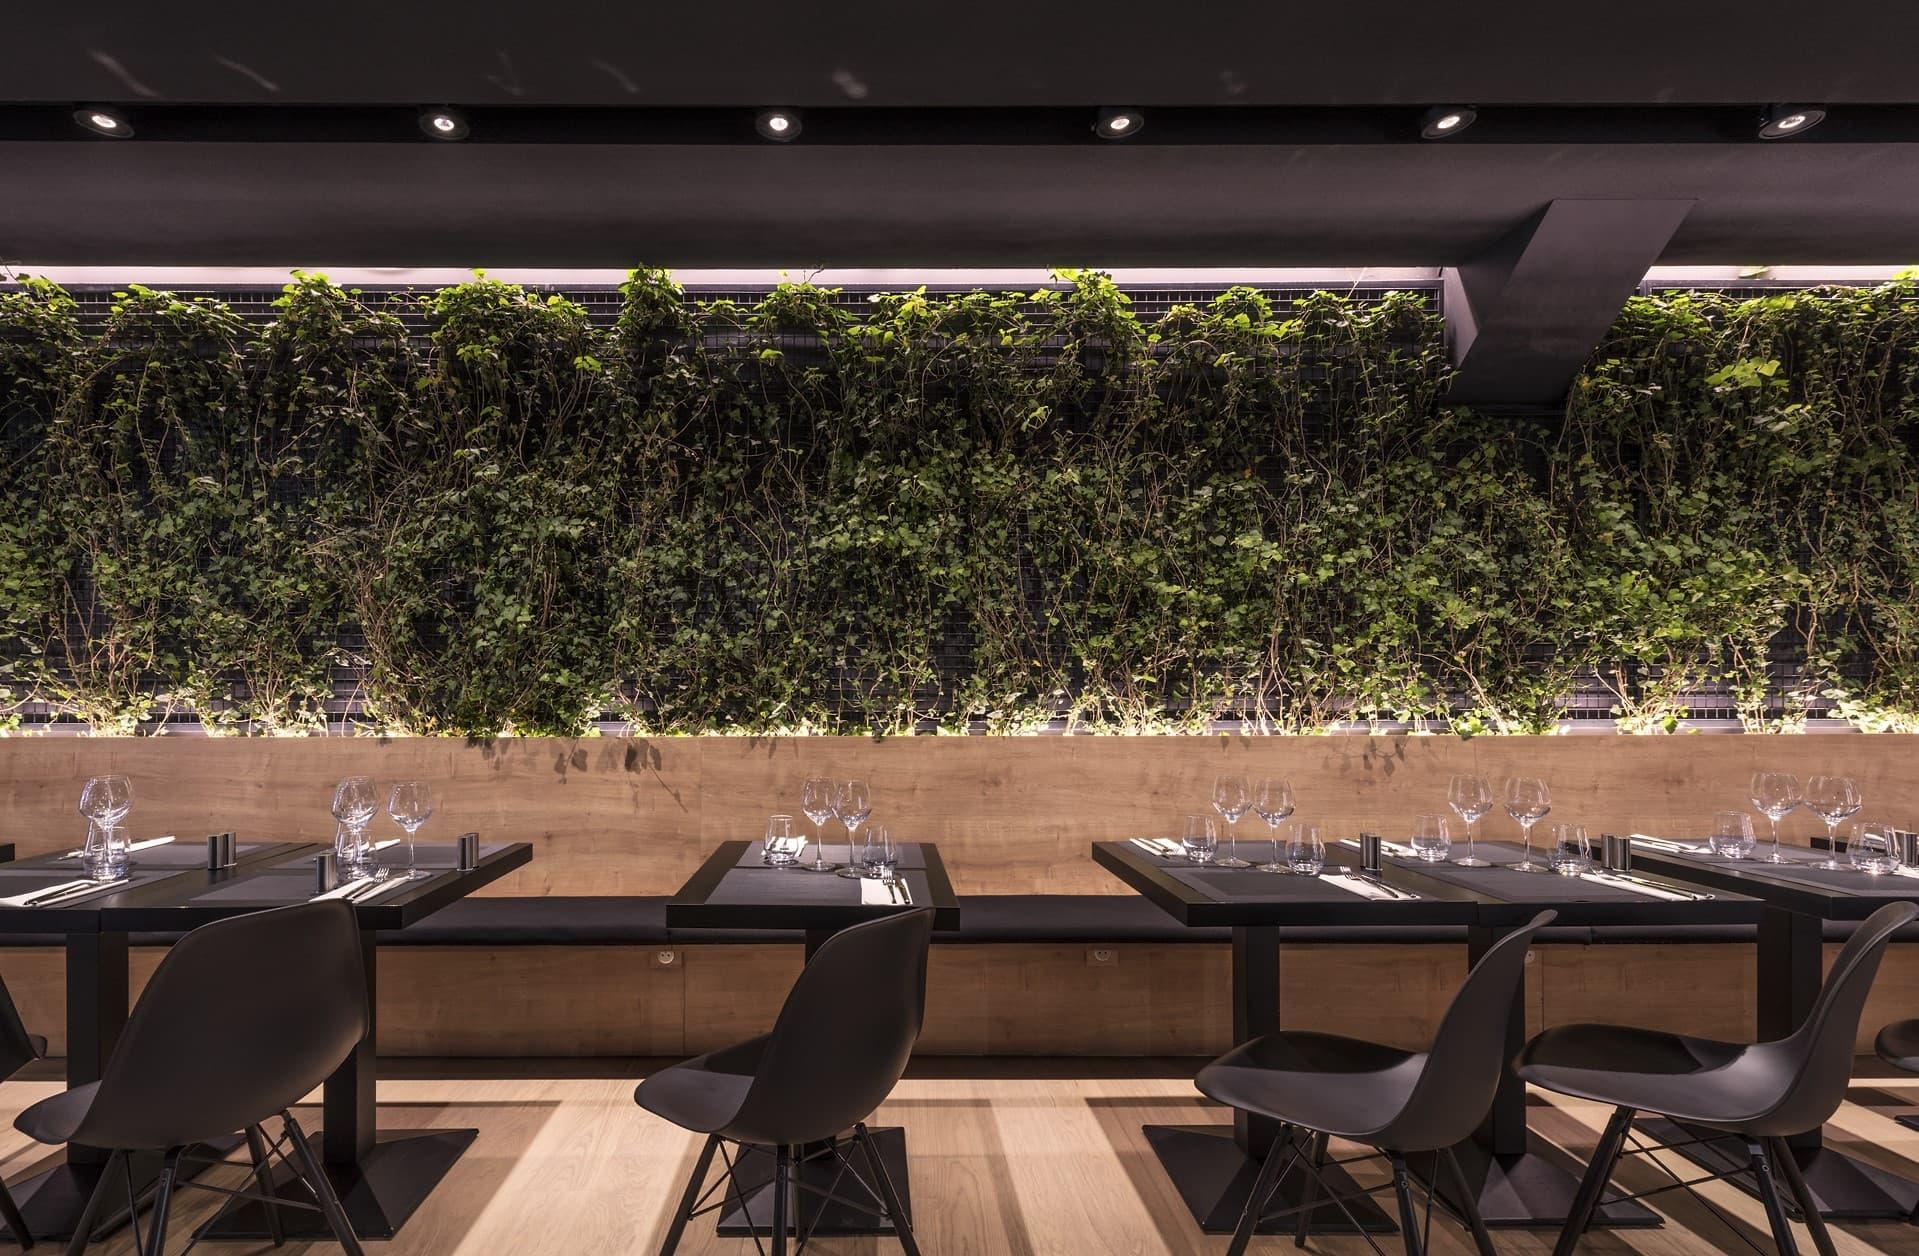 Eclairage du mur végétale de l'italien